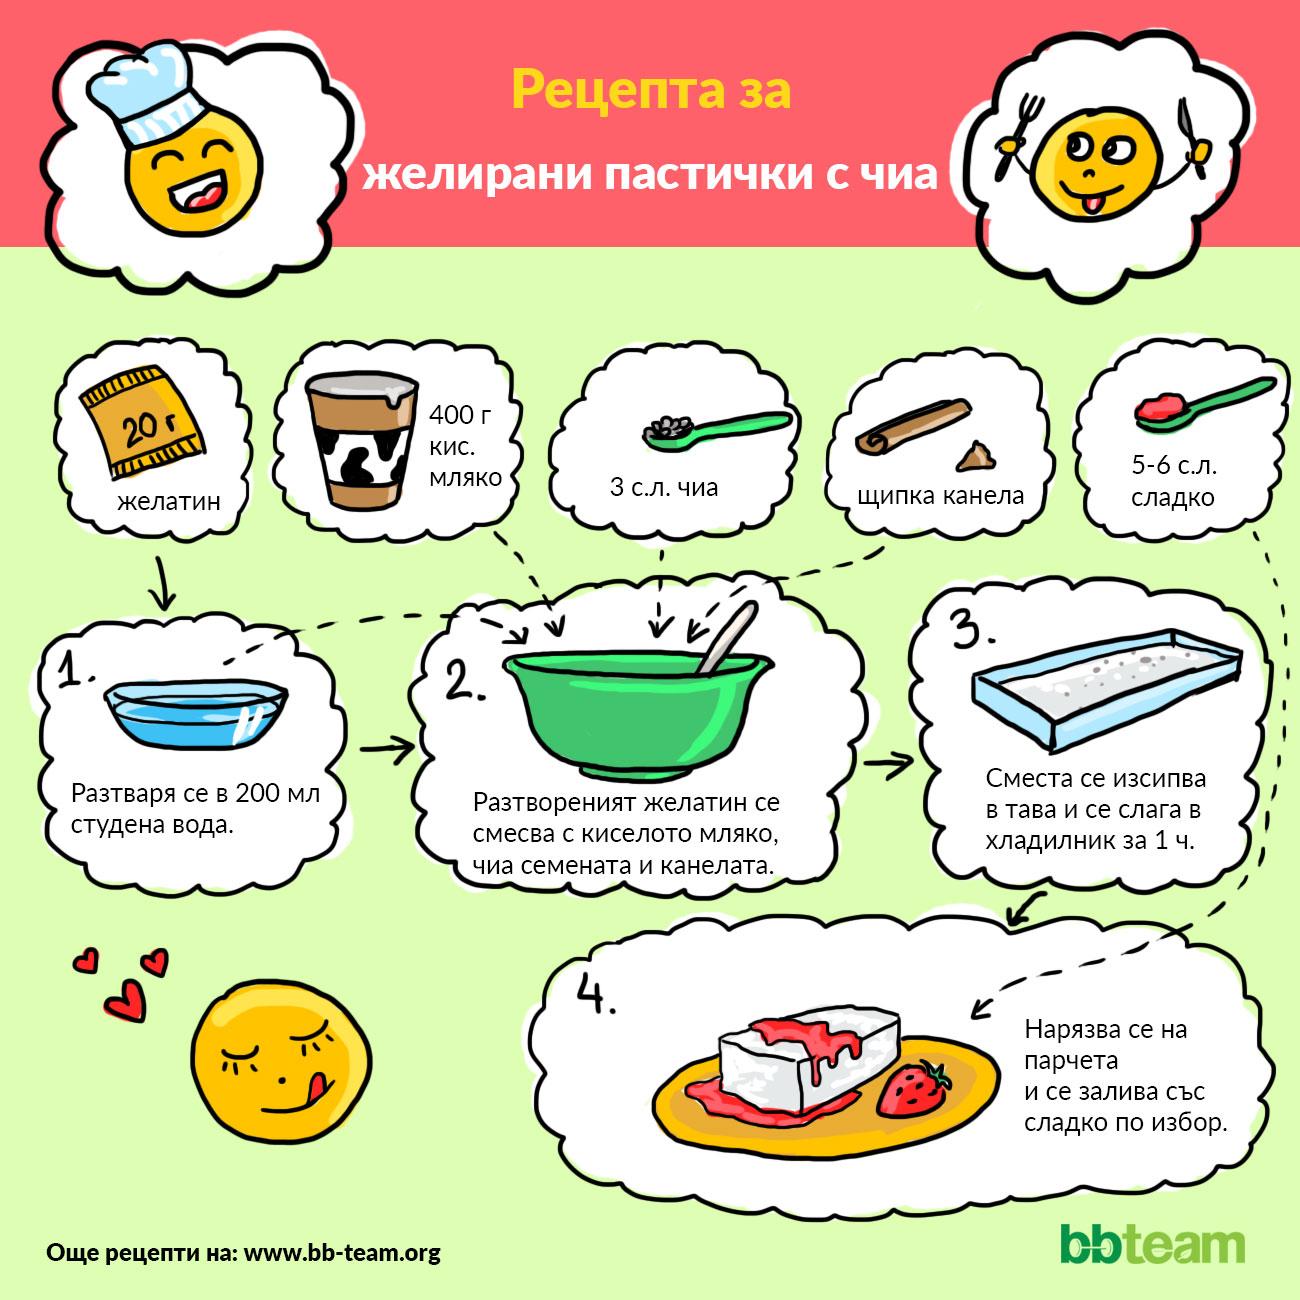 Рецепта за желирани пастички с чиа [инфографика]